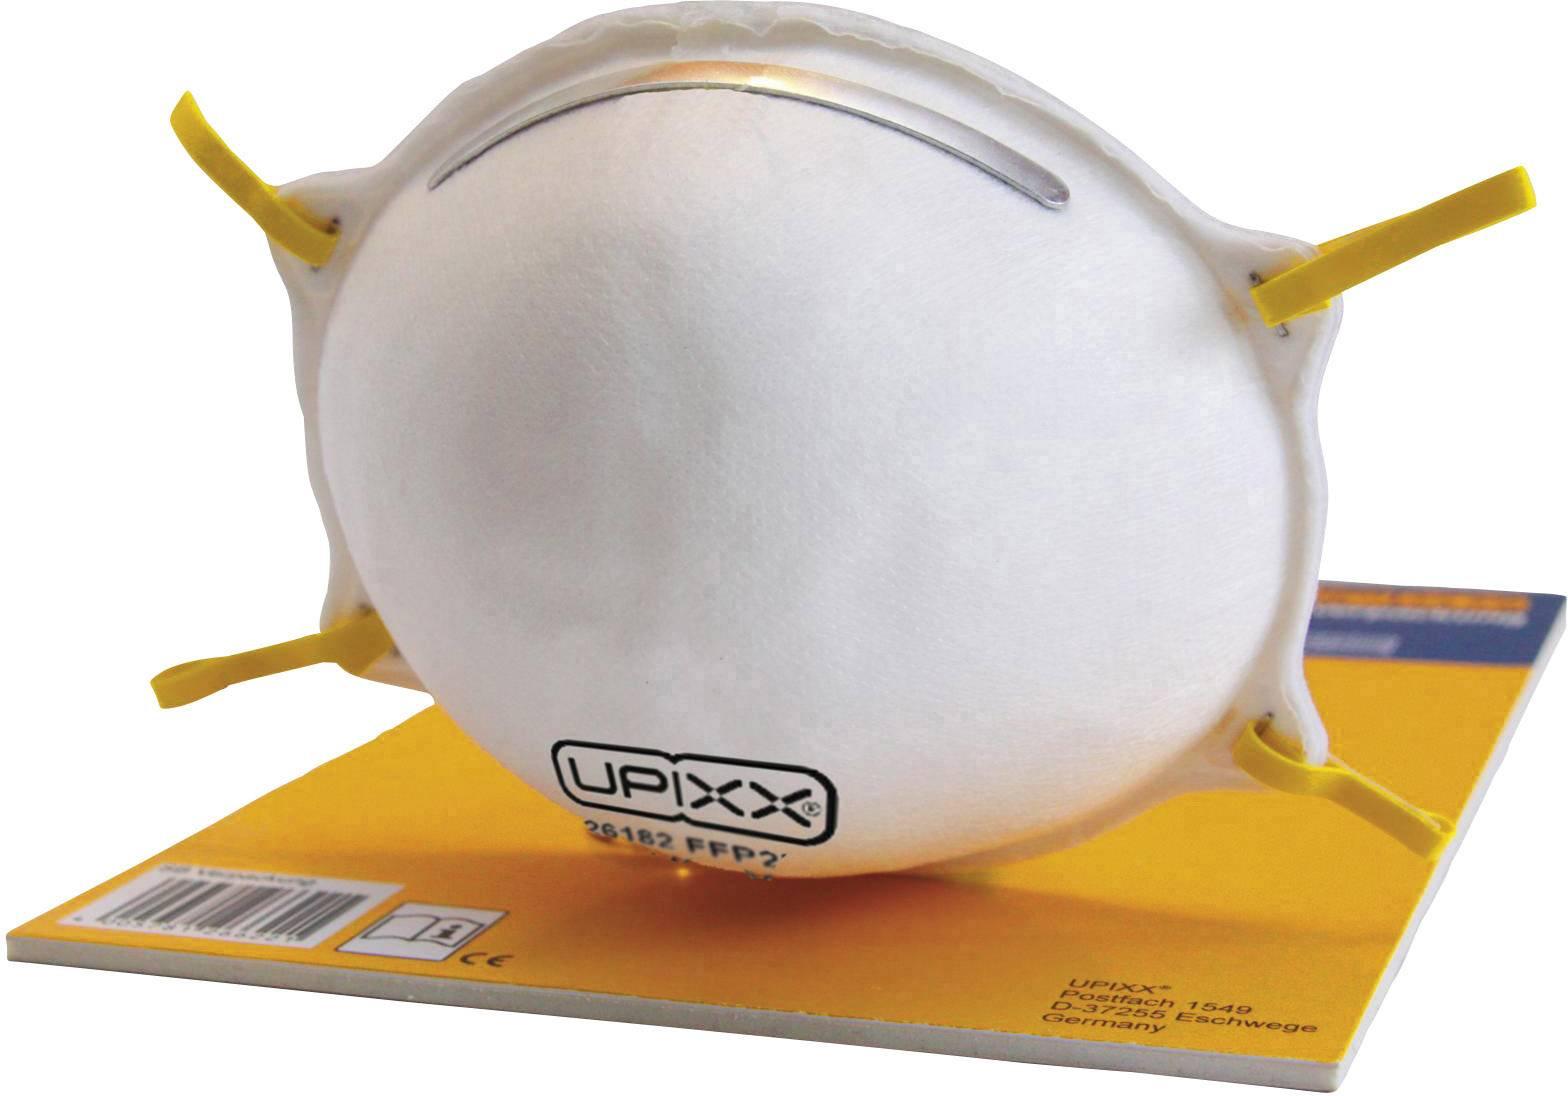 Respirátor proti jemnému prachu Upixx 26090, 1 ks